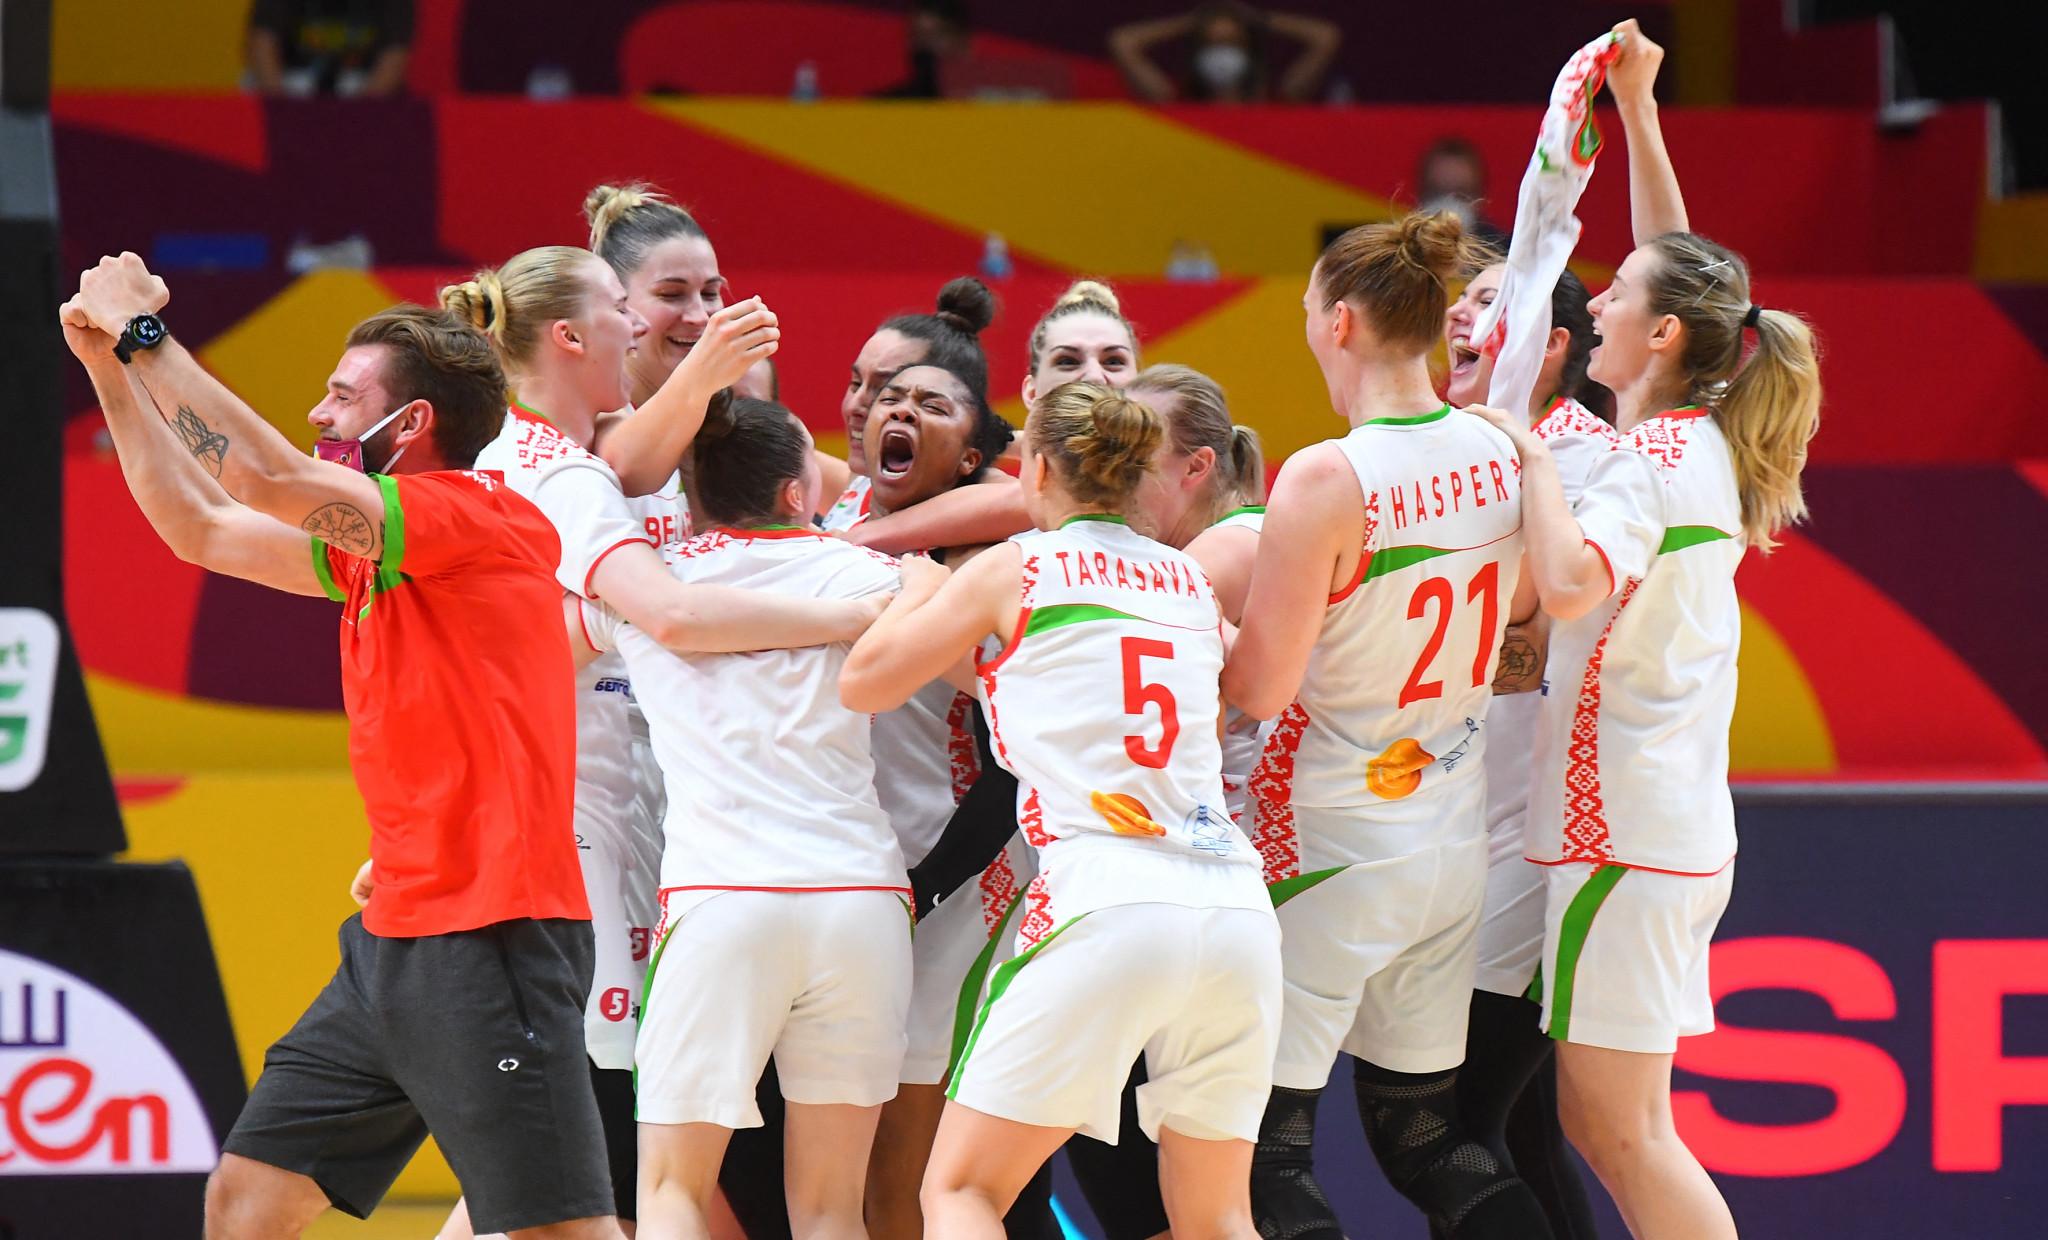 Belarus shock defending champions Spain in Women's EuroBasket opener